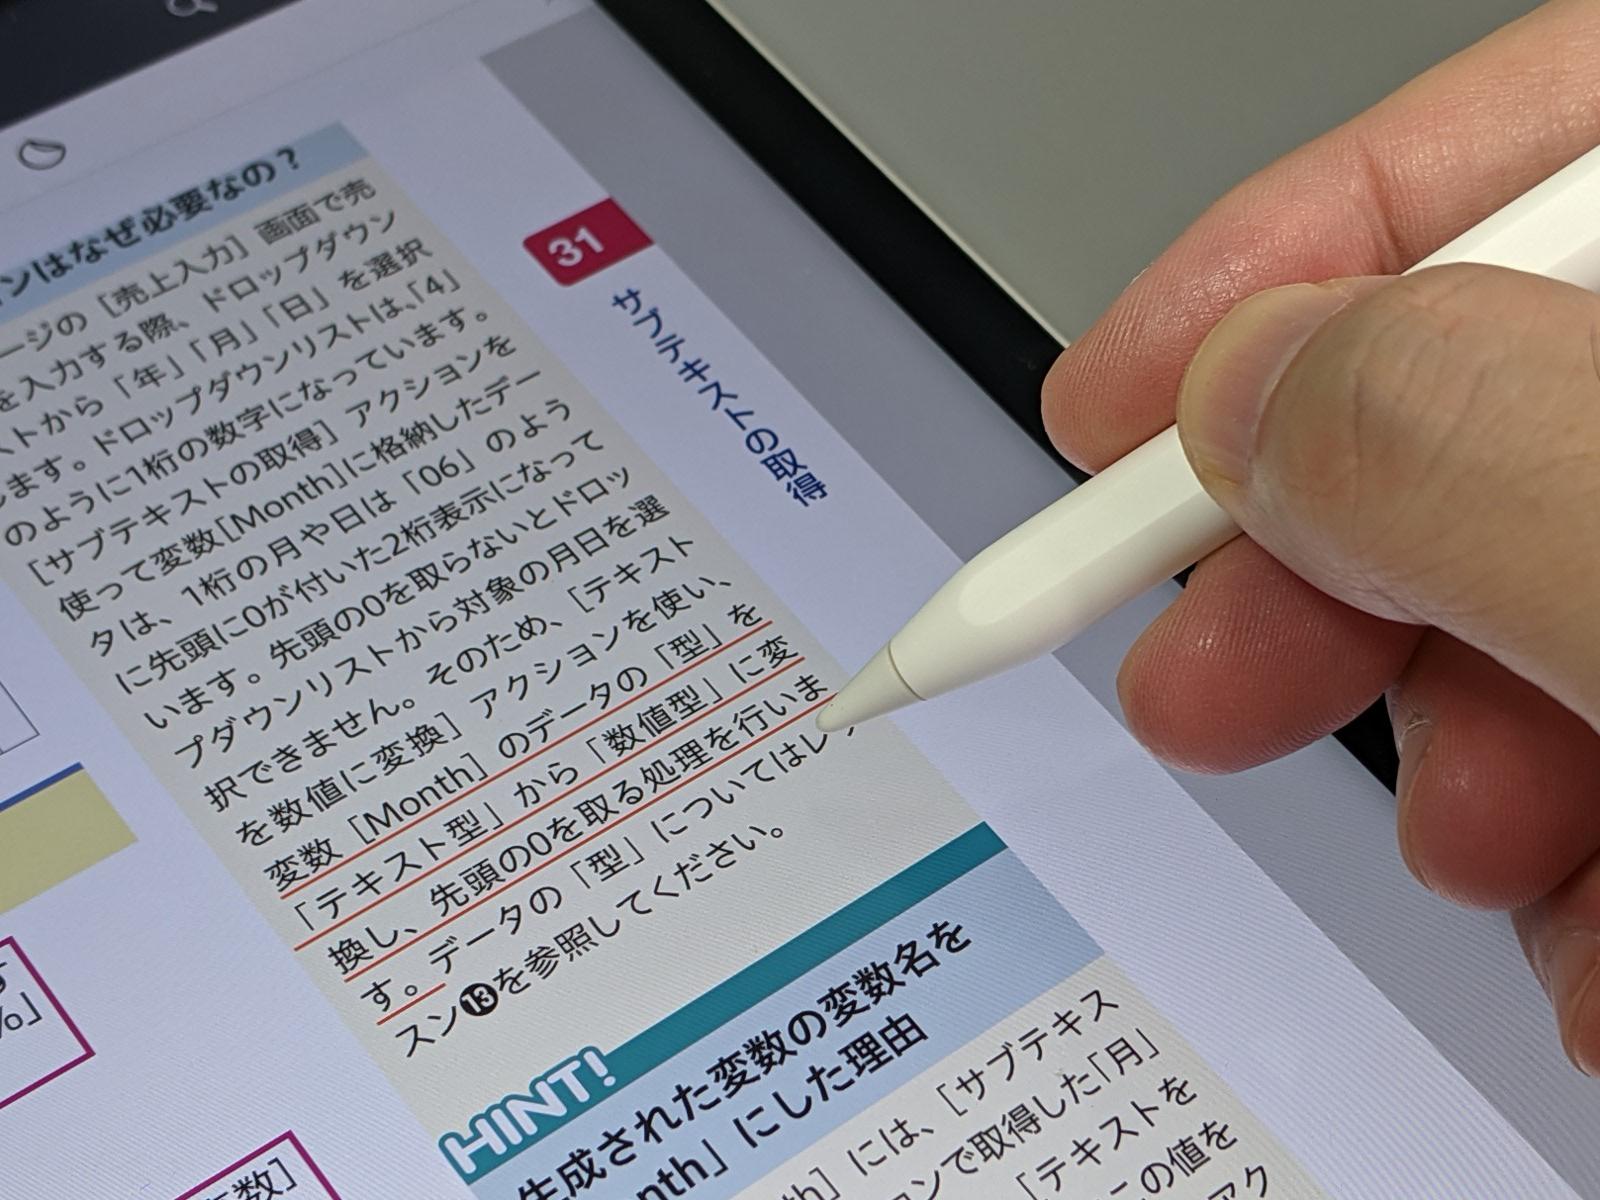 書き込みを行うとなるとApple Pencilもほしいところだが、追加コストが膨らんでいくのが悩ましい